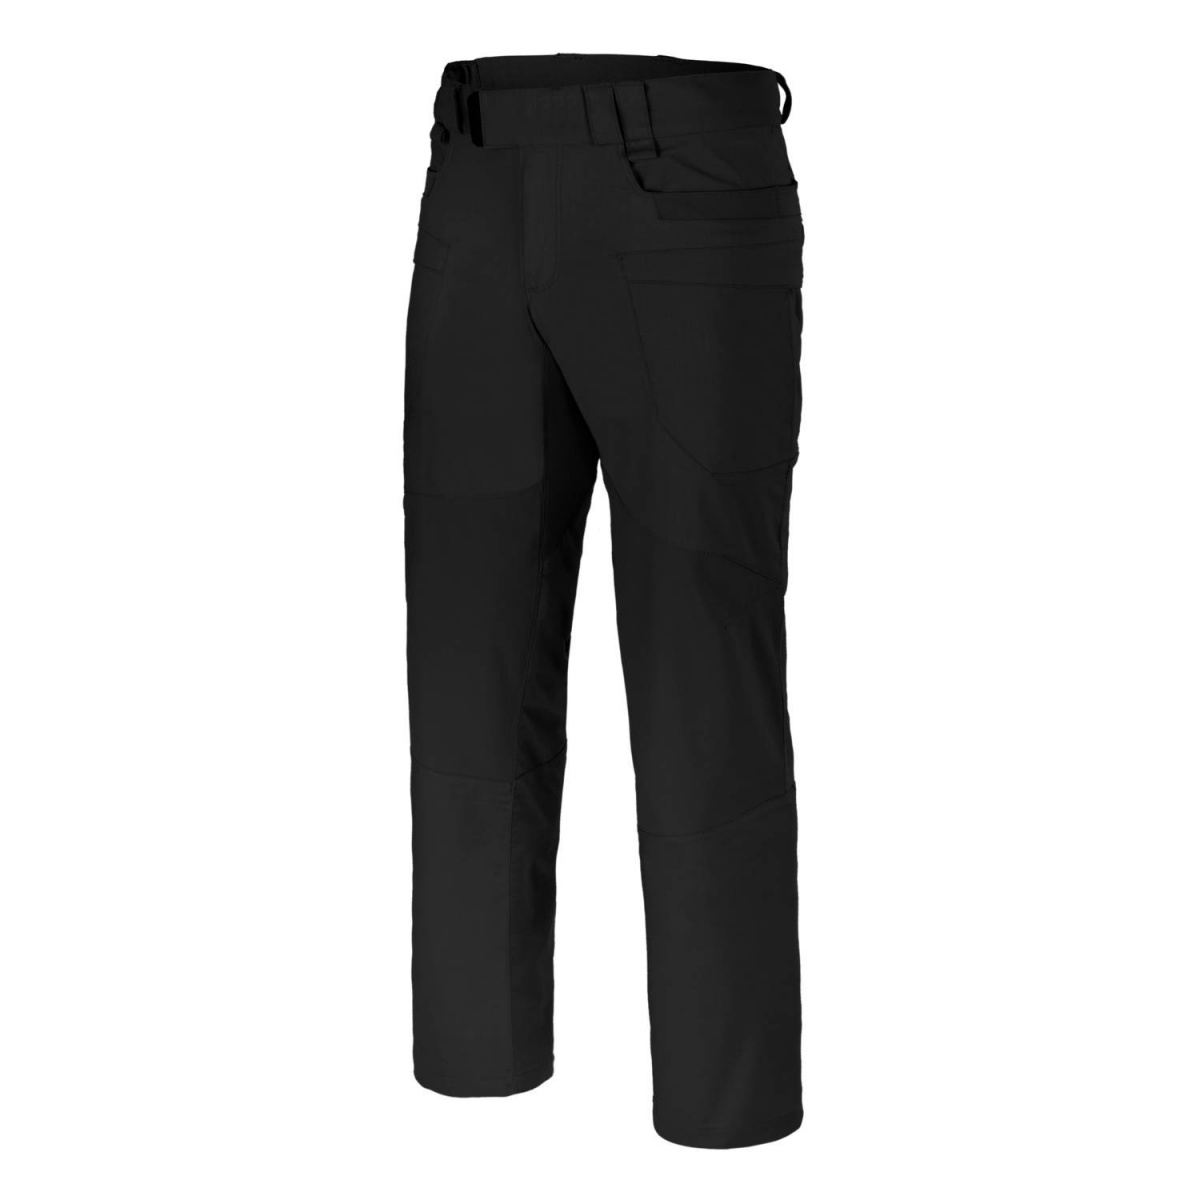 Kalhoty HYBRID TACTICAL ÈERNÉ - zvìtšit obrázek